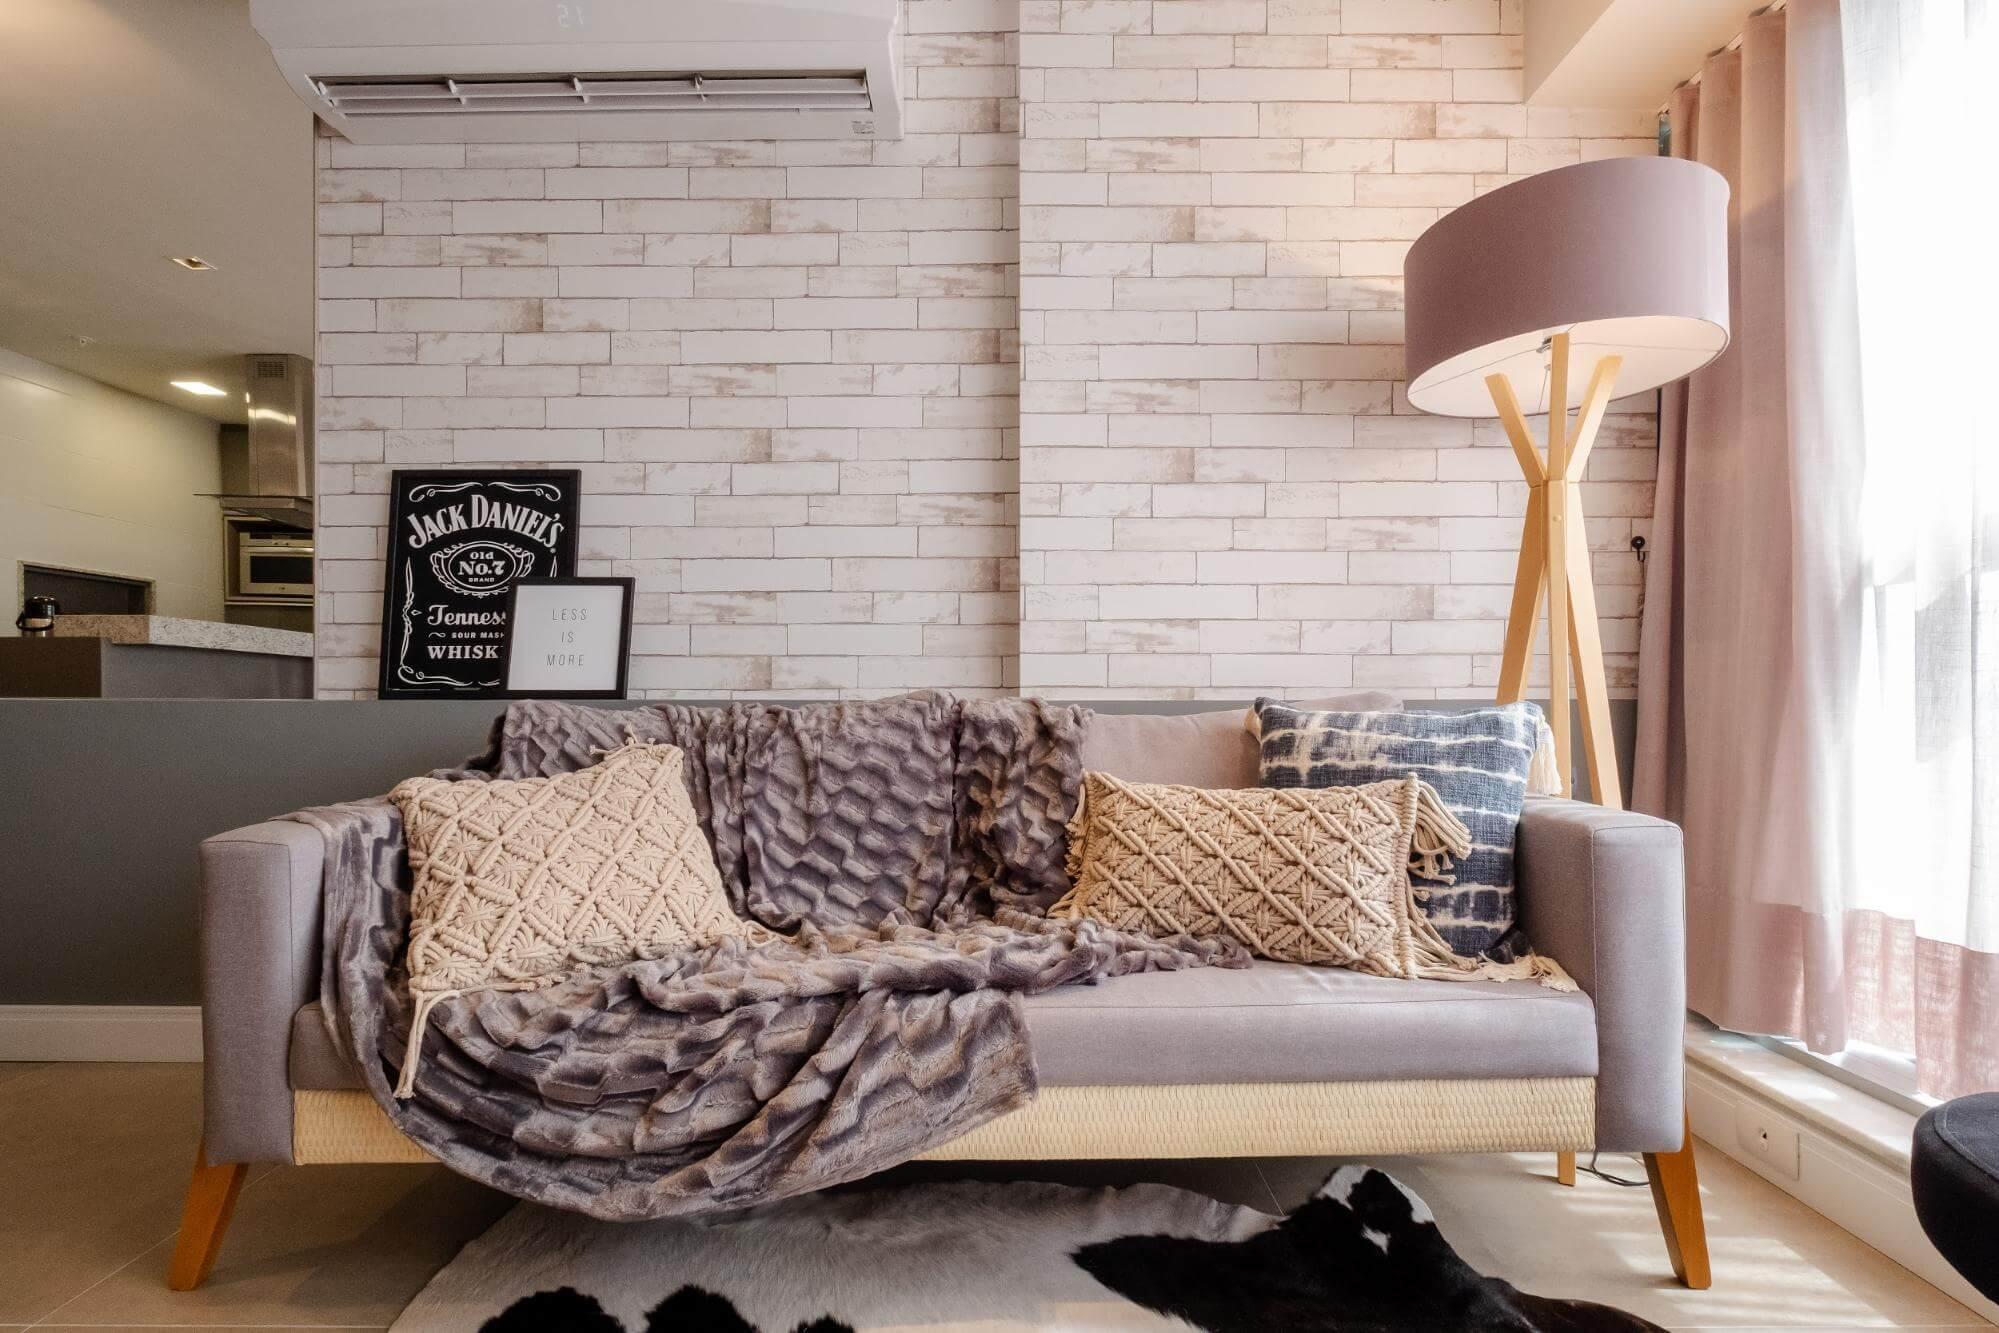 Apartamento pequeno - Como escolher as cores